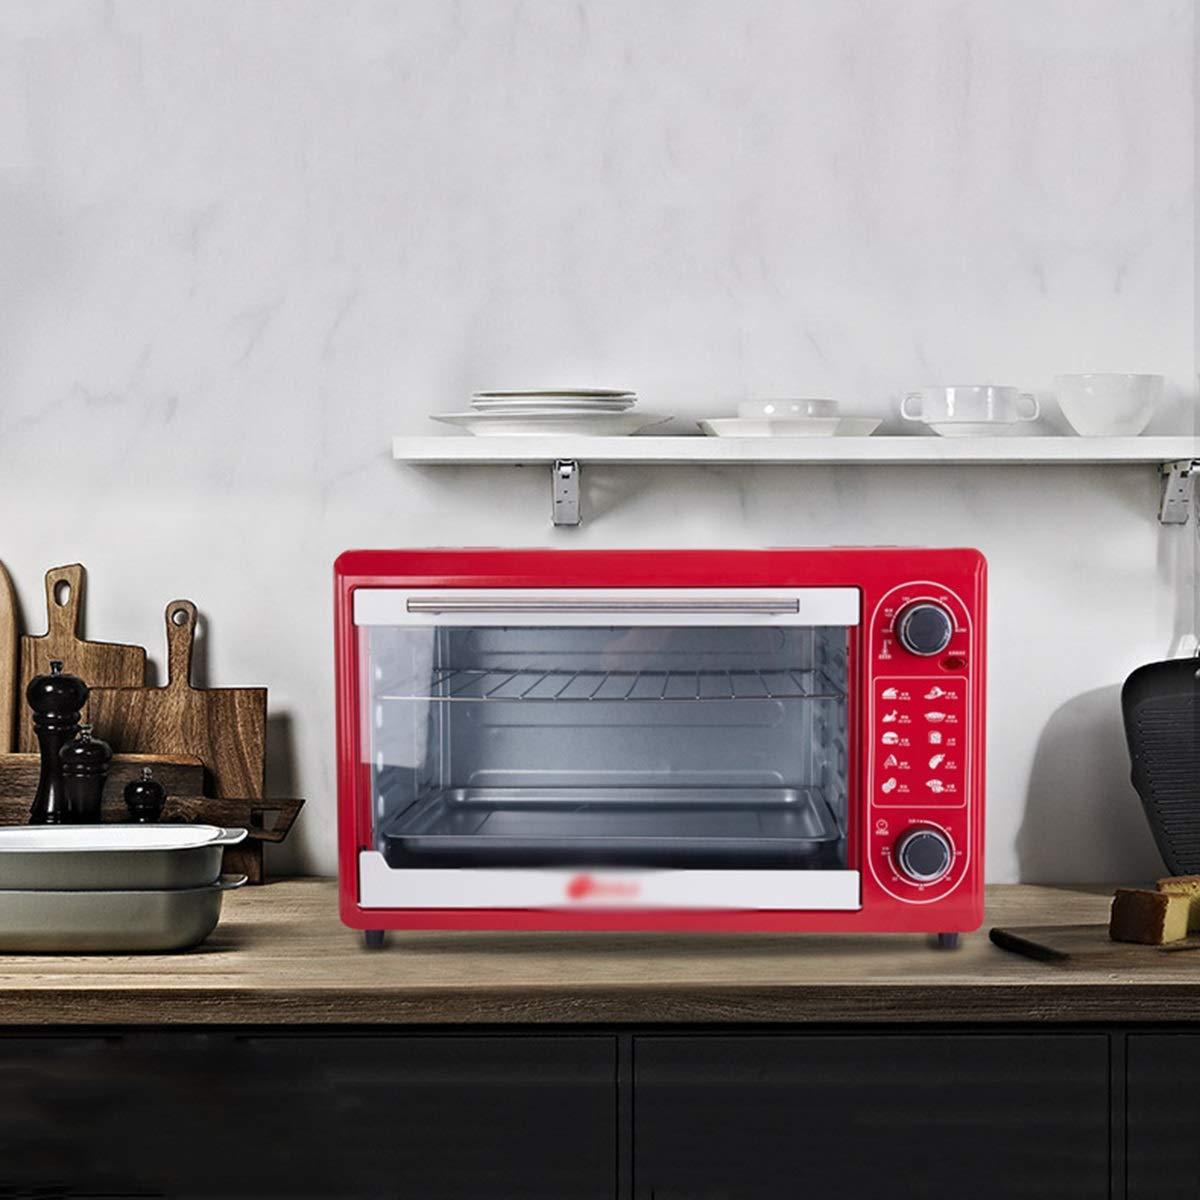 - -   オーブントースター ミニ電気オーブン家庭用小型オーブン48 SGKJJ B07Q1C2QHB L高温オーブン磁器インナーメカニカルノブ小型オーブン ミニオーブン